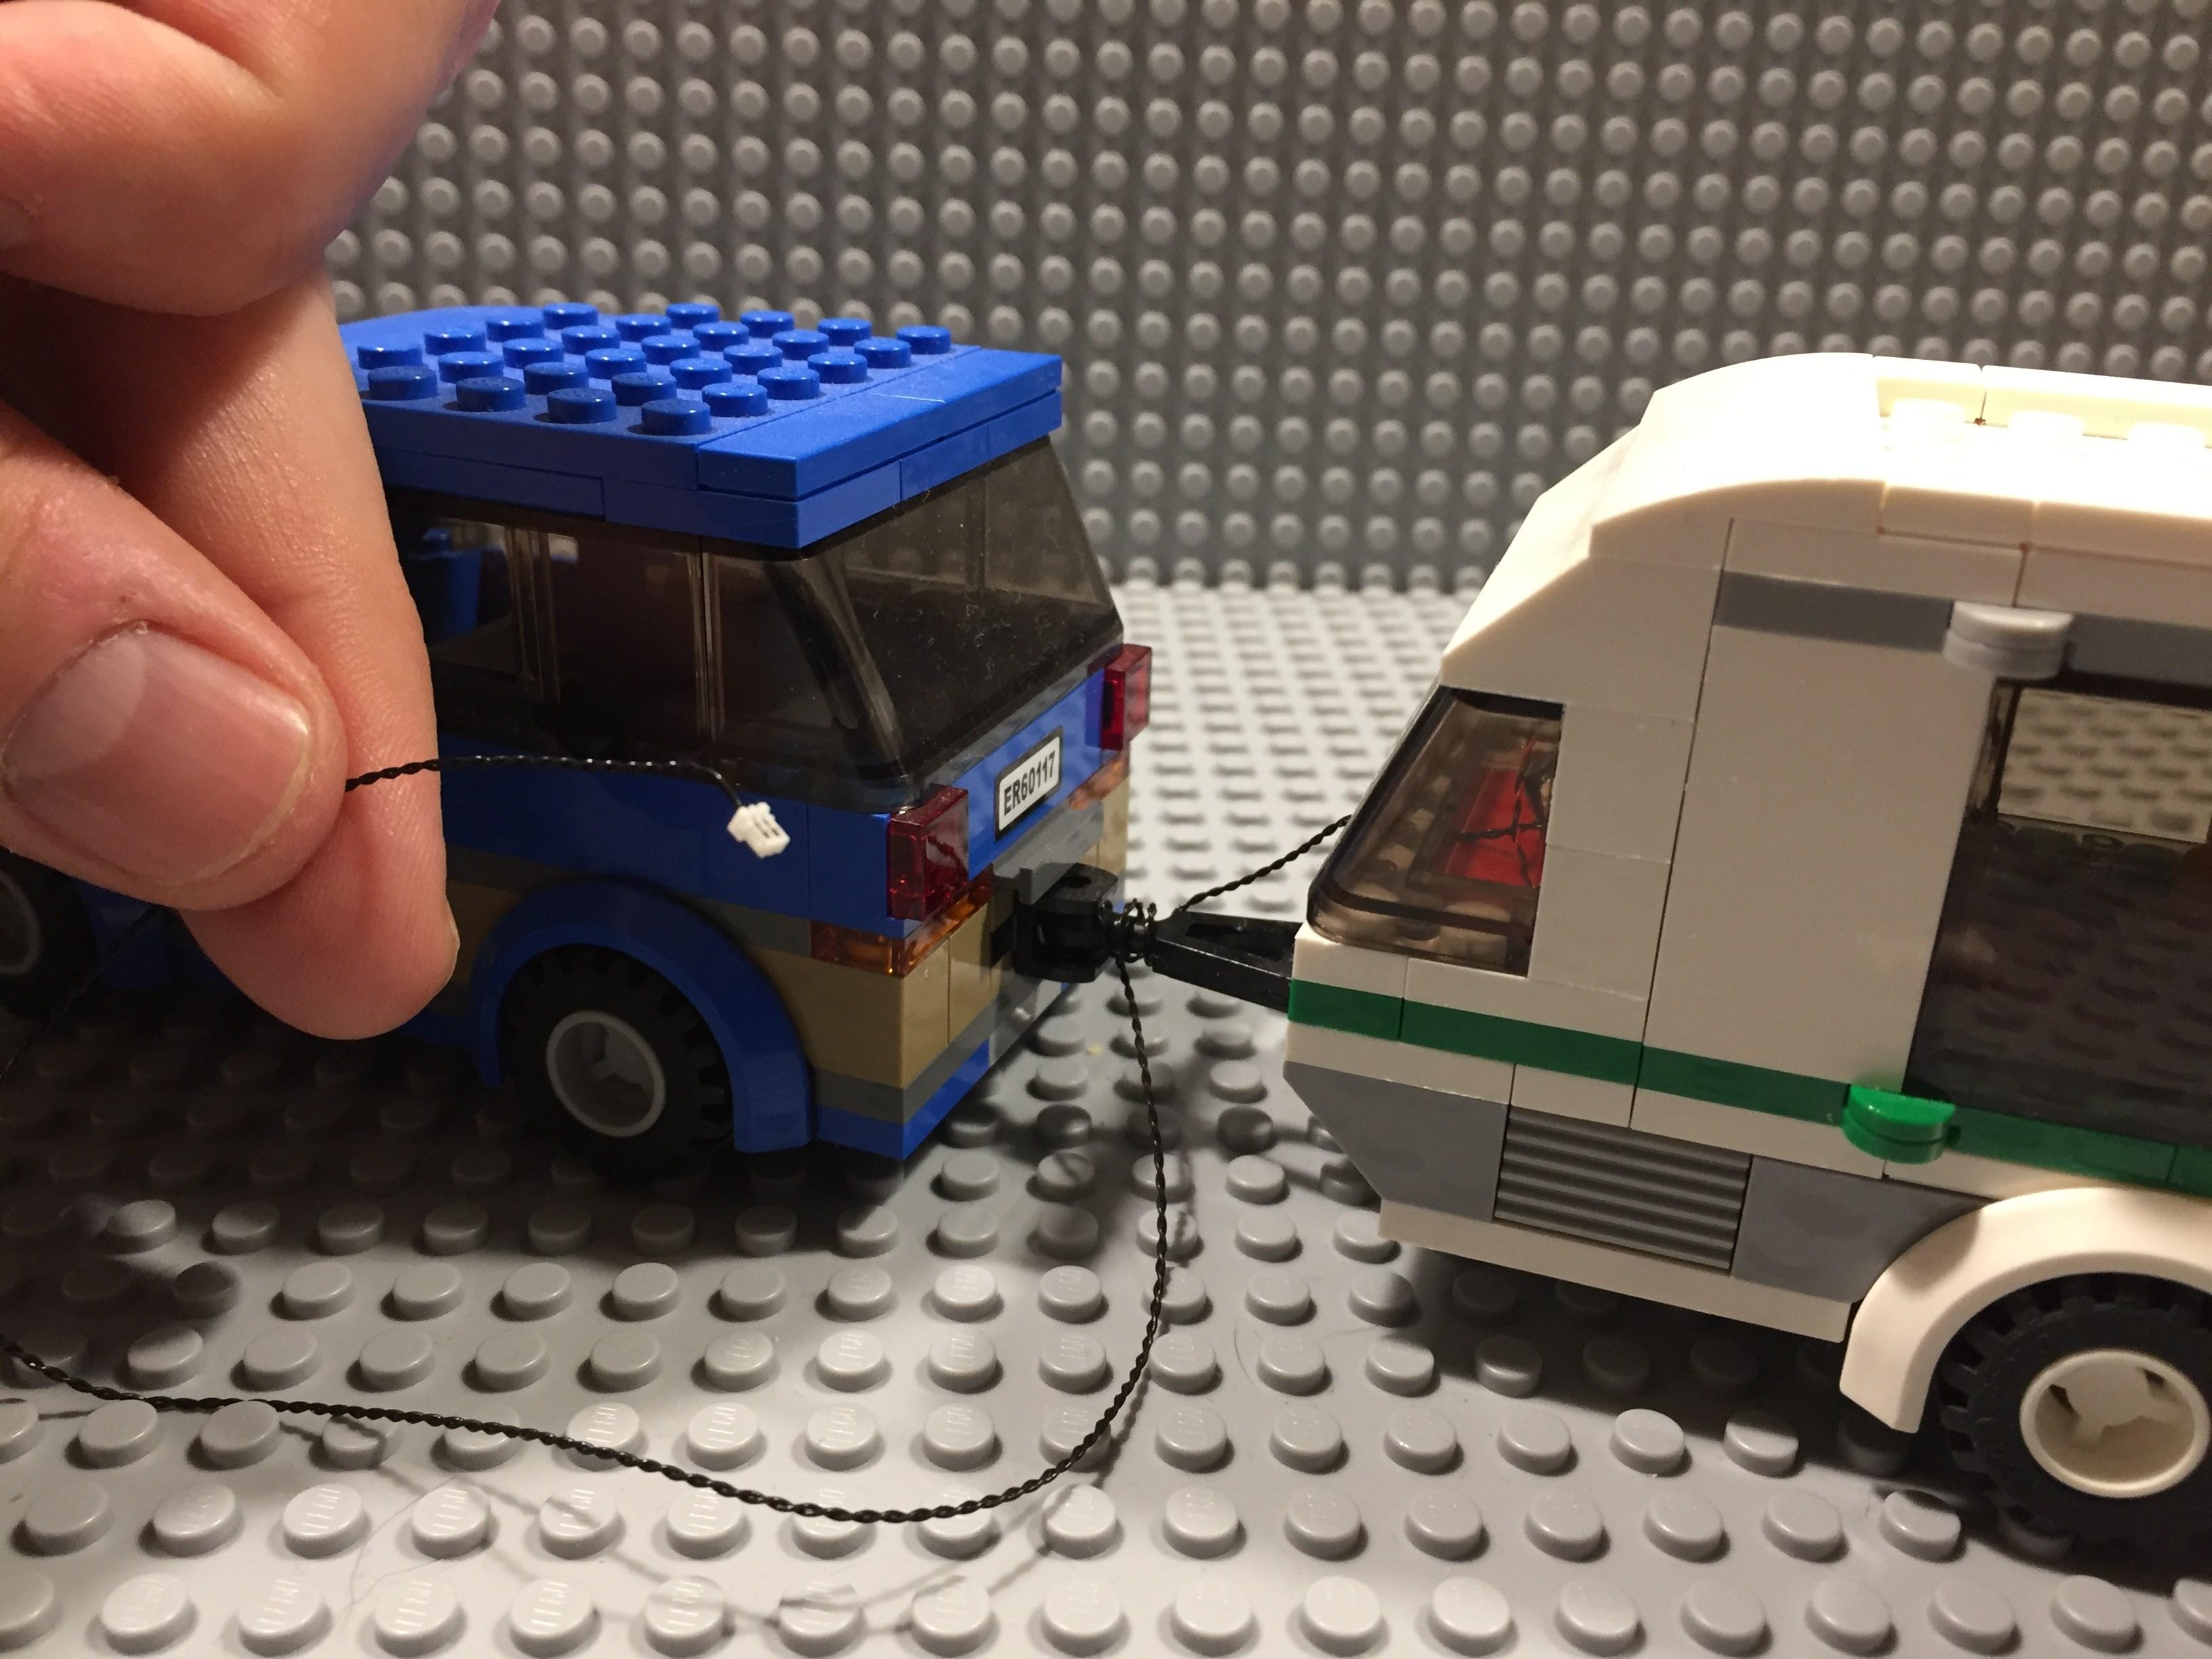 Review LED Light Kit for LEGO 60117 City Car Caravan3 - Bricks Delight